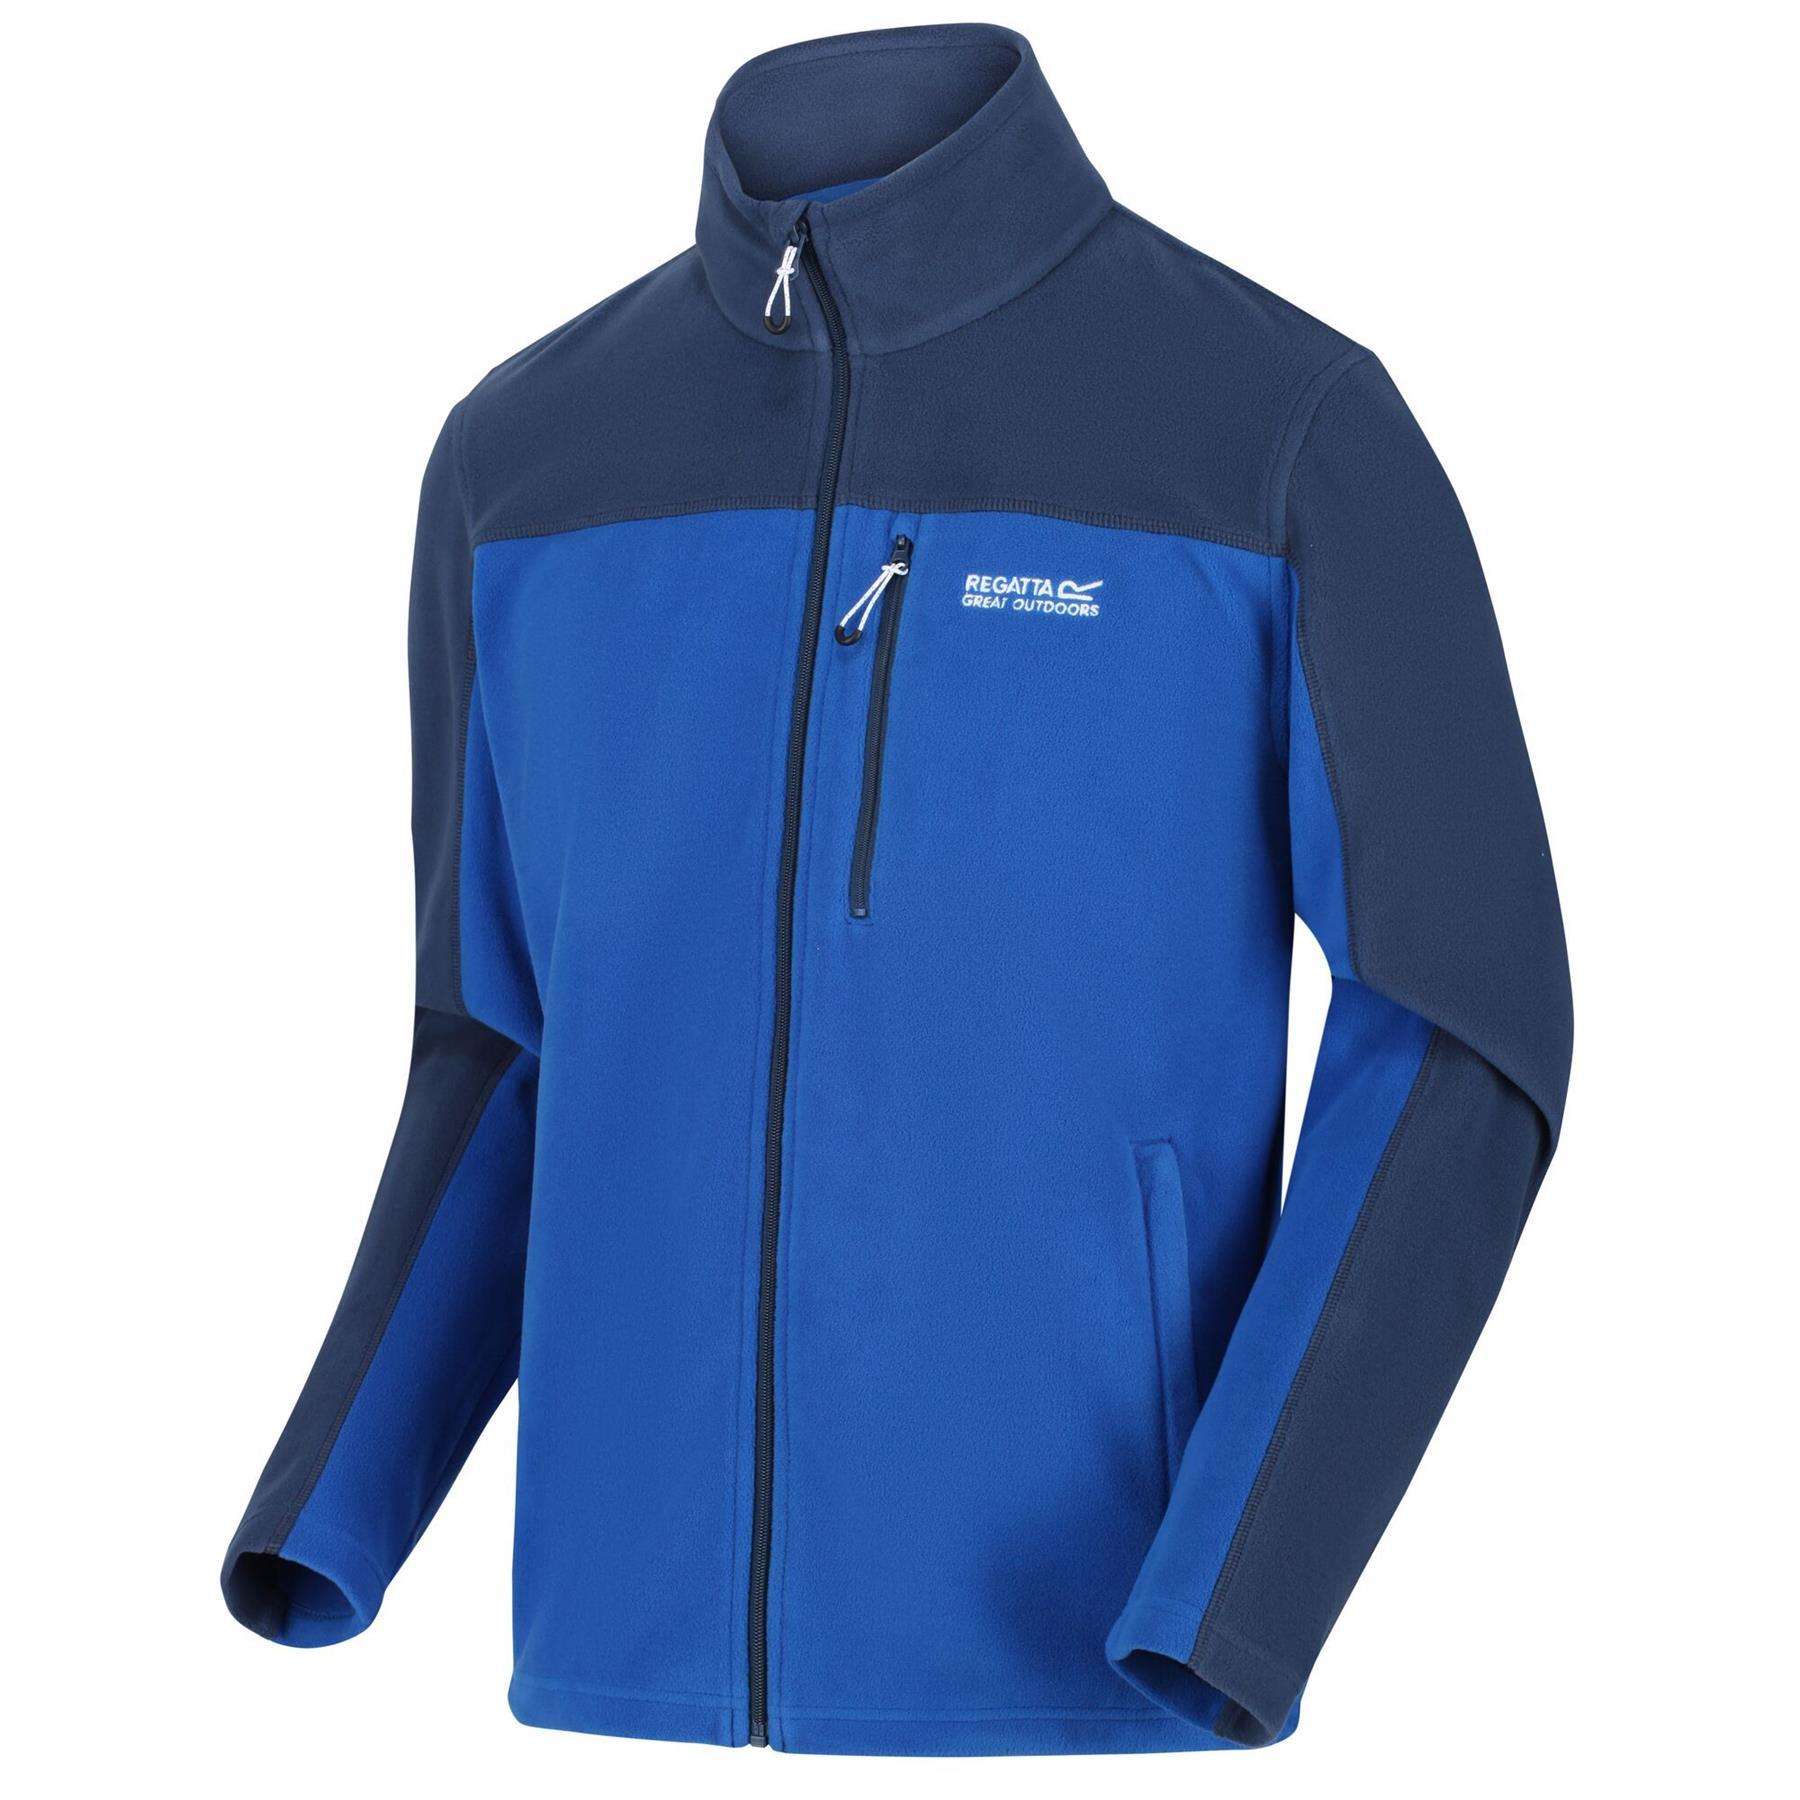 miniatuur 7 - Regatta Mens Fellard Fleece Jacket Full Zip Up Coat S M L XL 2XL 3XL 4XL